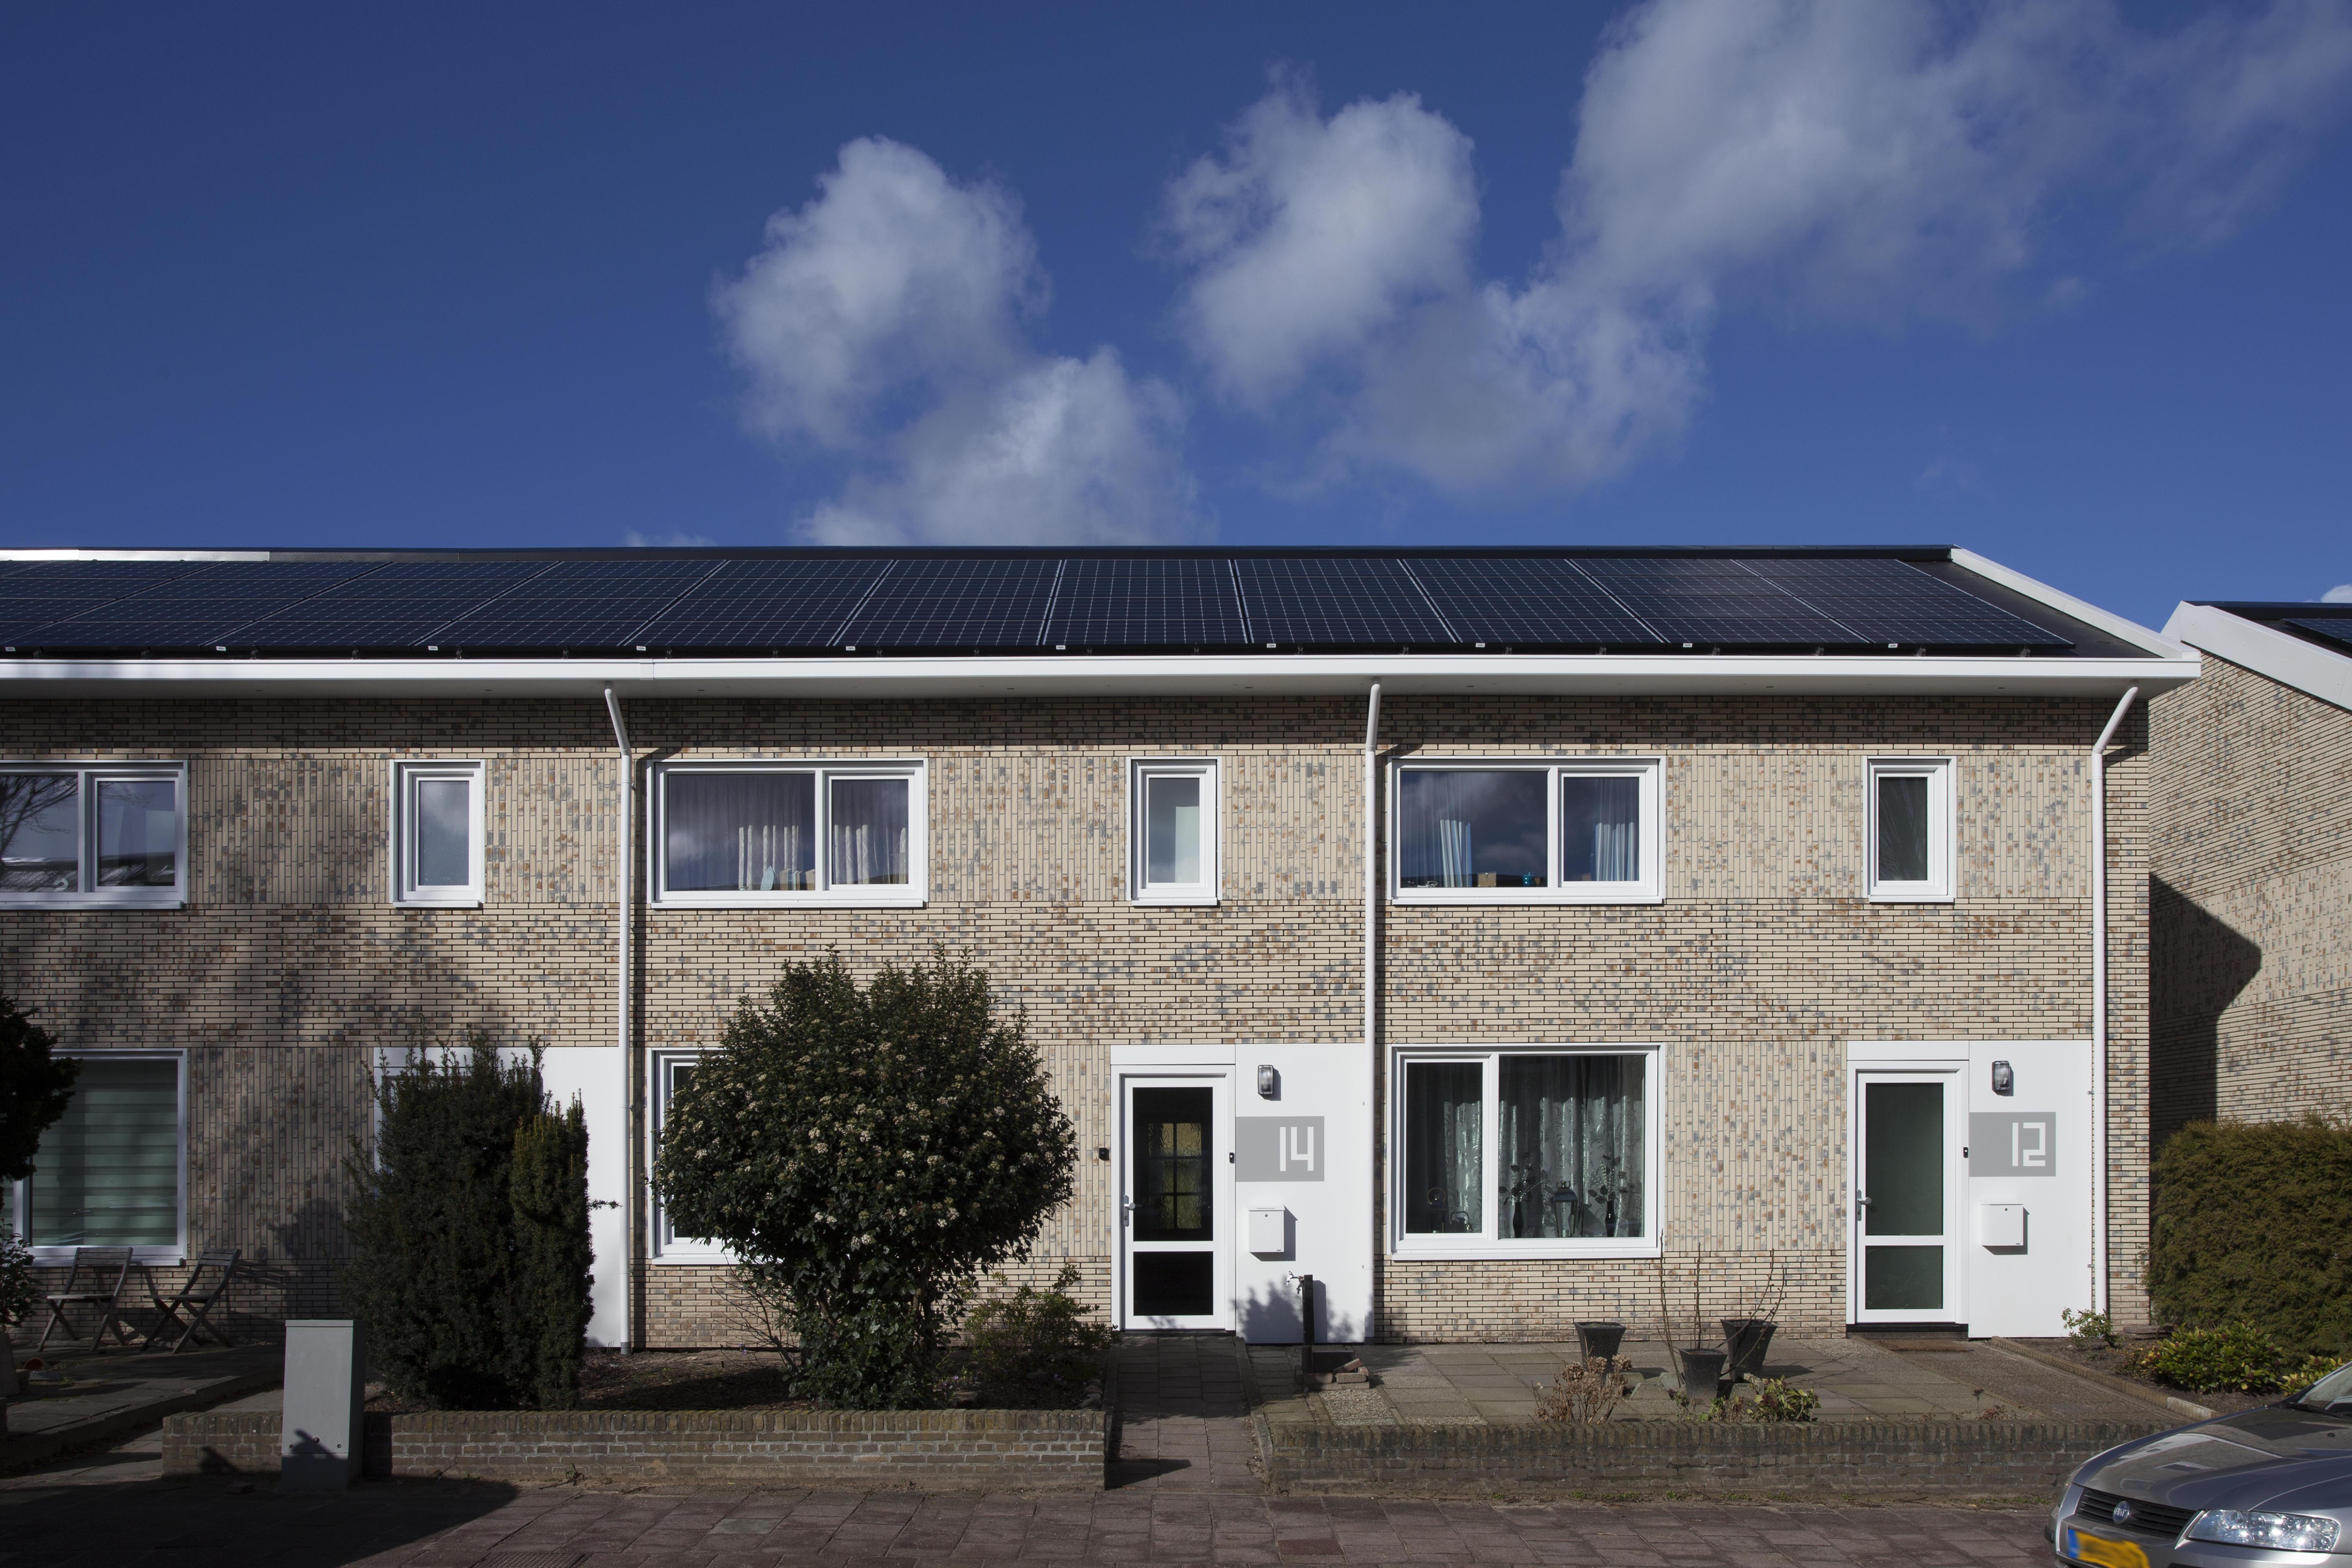 Sociale huurwoningen in Soest veranderen in gasloze NOM-woningen ...